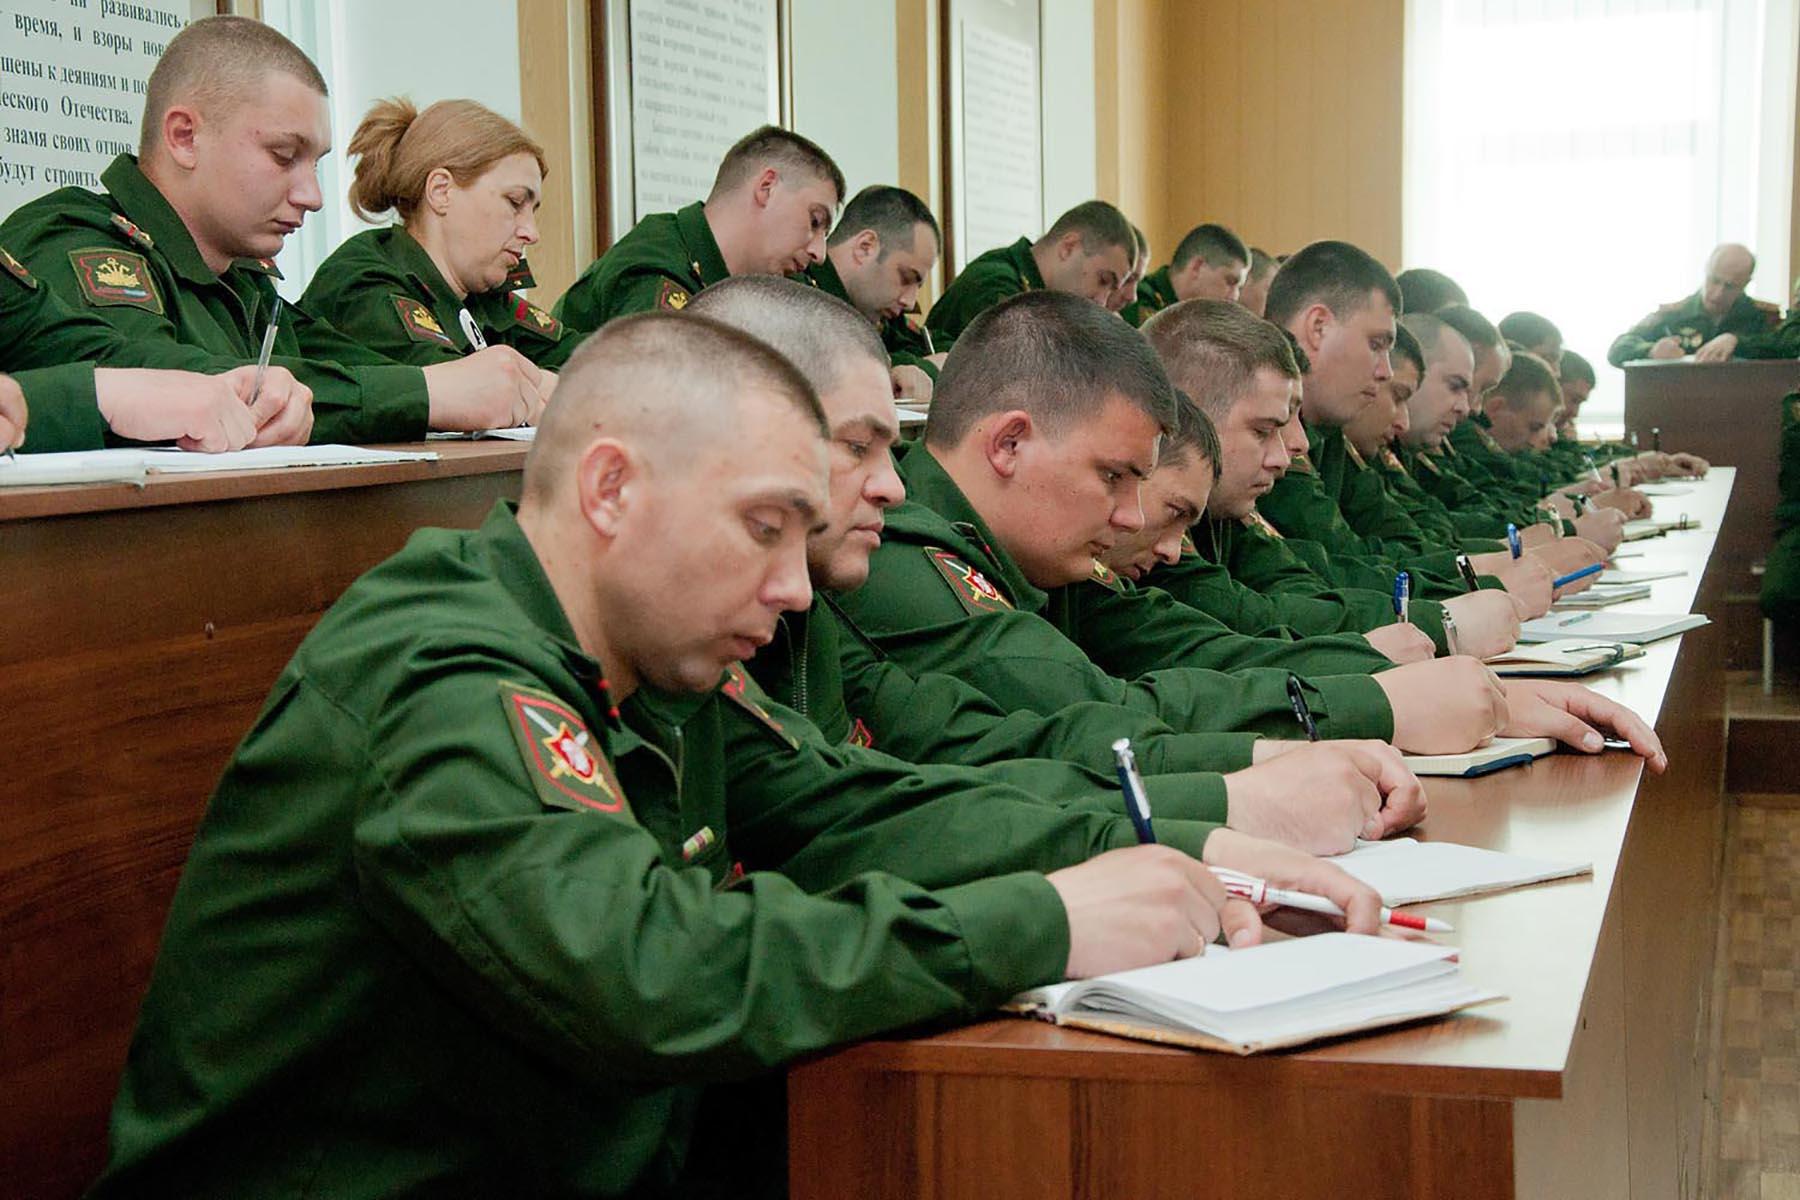 фото занятий с офицерами в армии гибрид меня